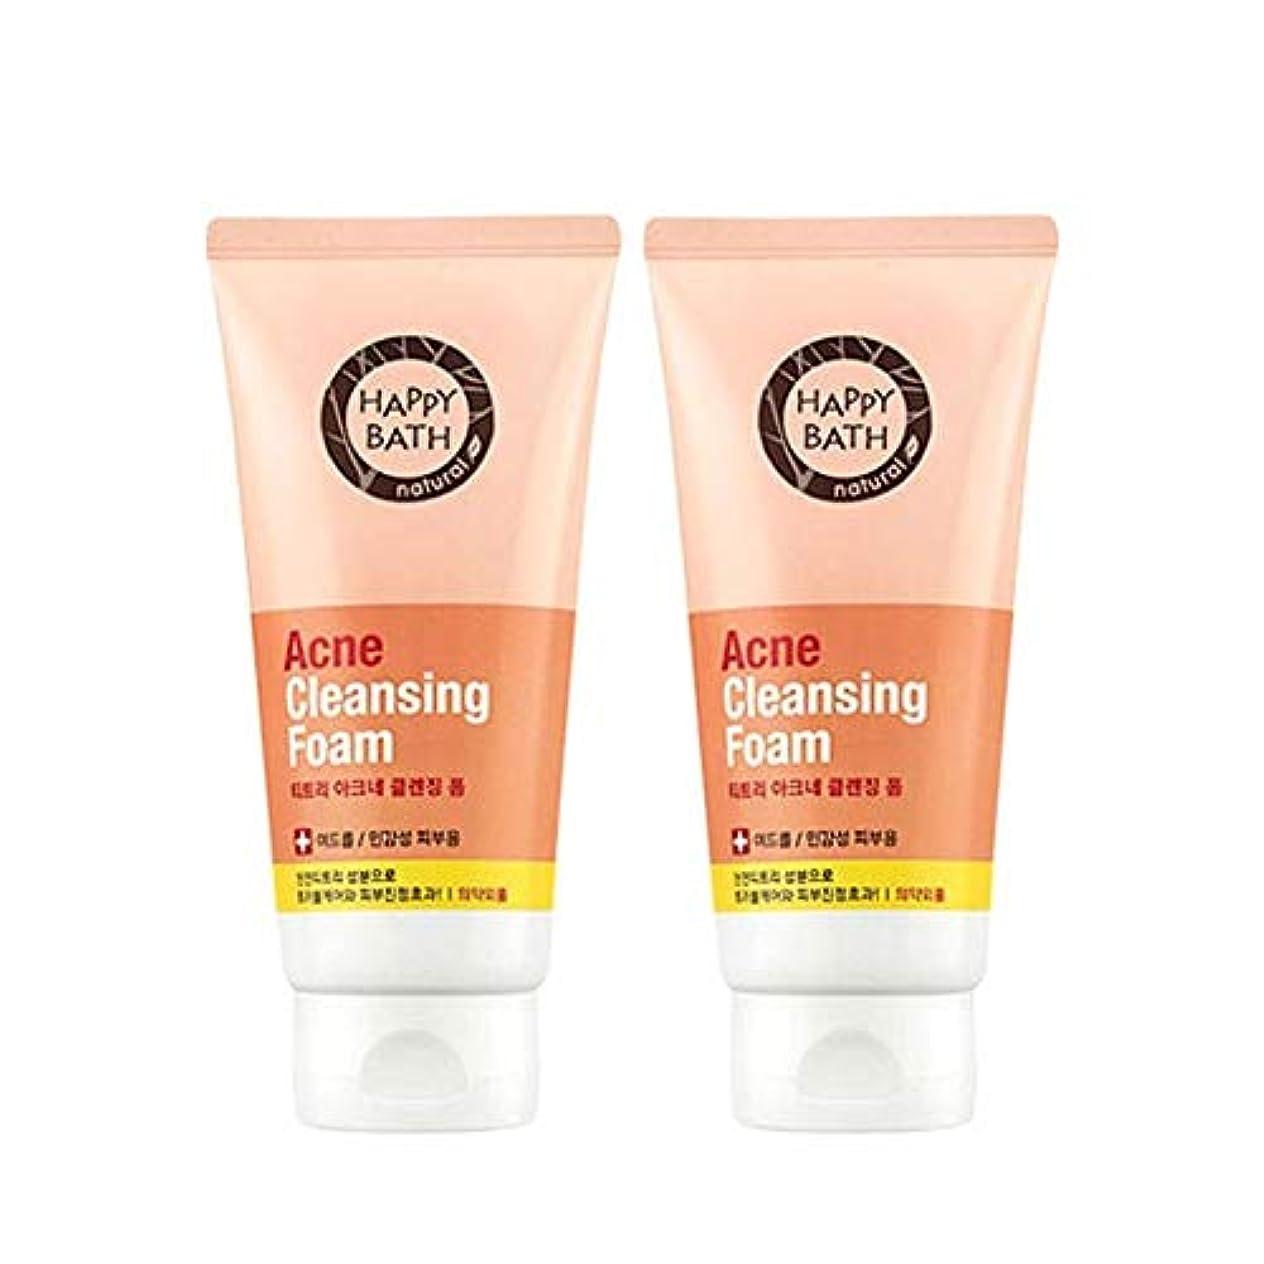 彼らのもの組立タイトルハッピーバスティーツリーアクネクレンジングフォーム175gx2本セット韓国コスメ、Happy Bath Acne Cleansing Foam 175g x 2ea Set Korean Cosmetics [並行輸入品]